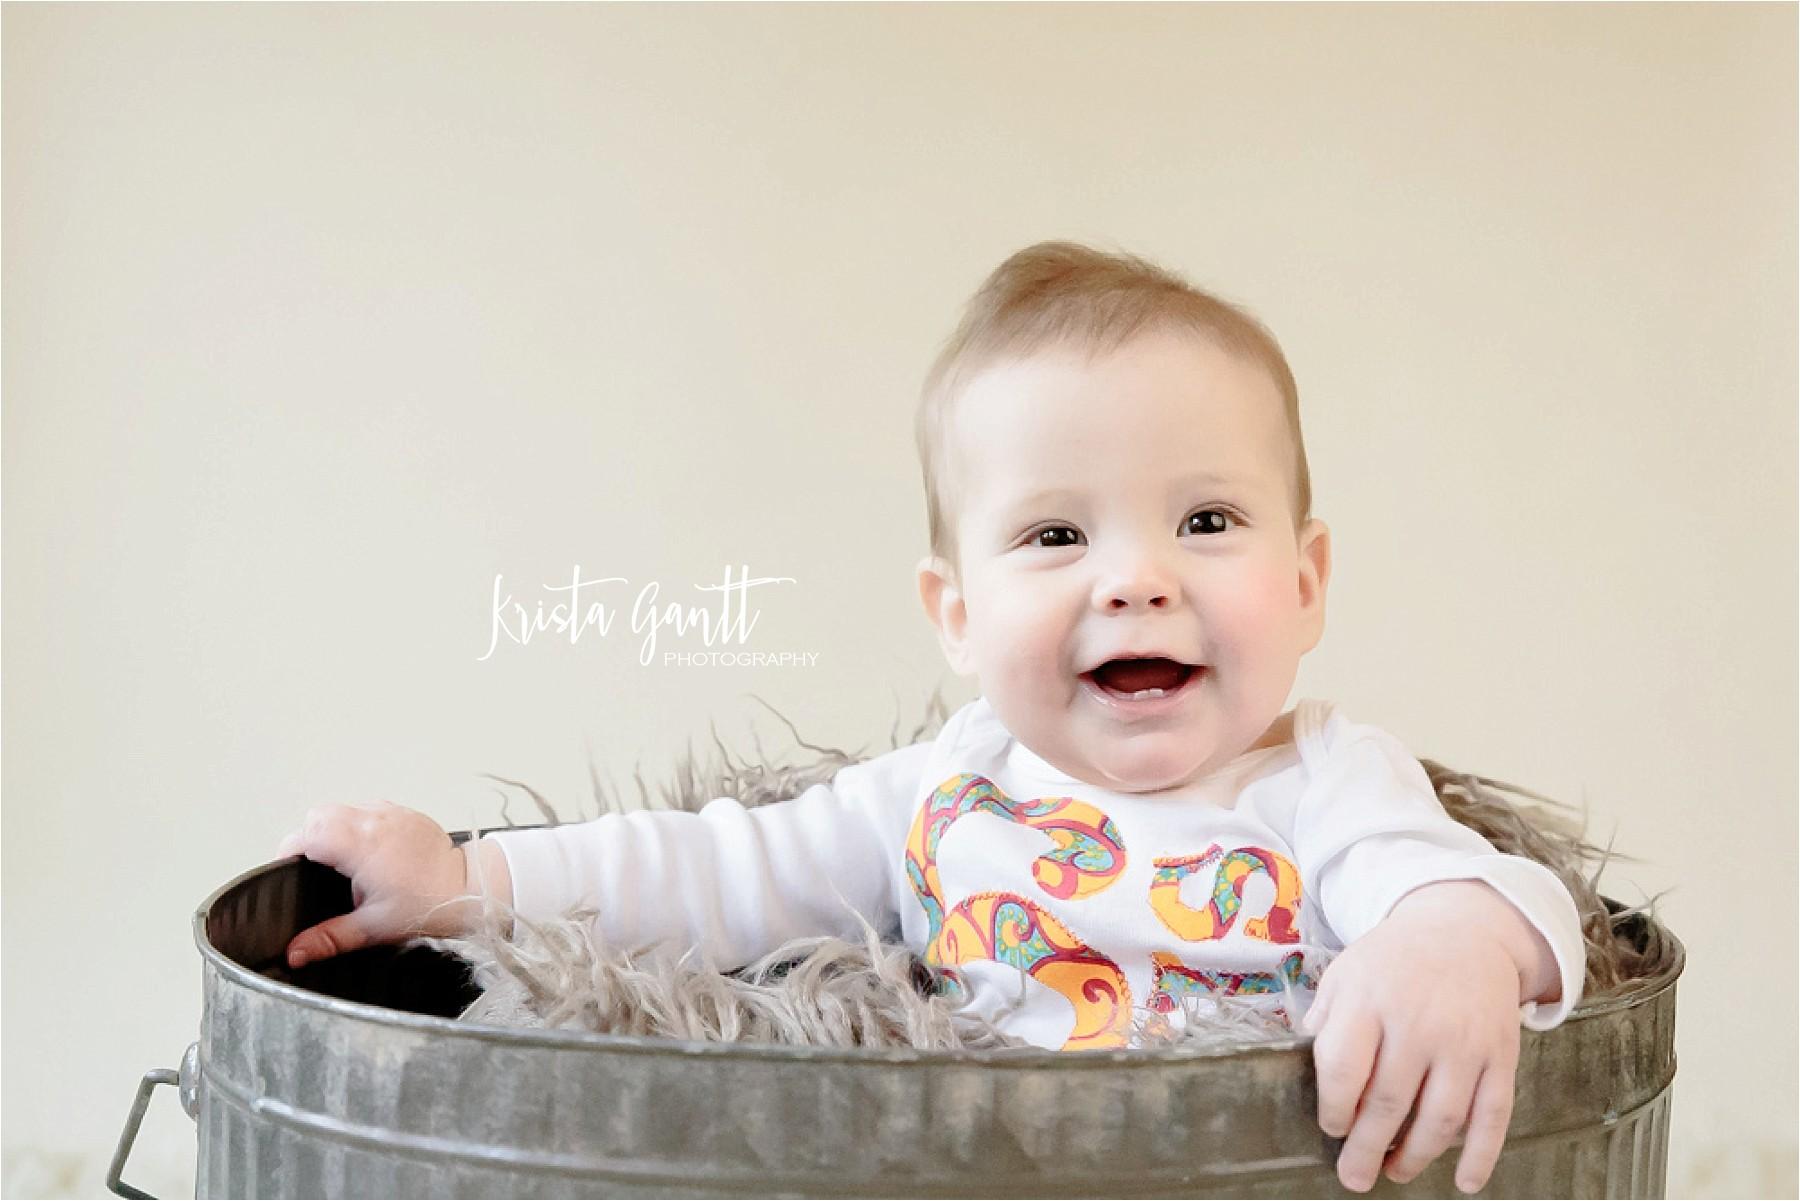 Krista Gantt PhotographyIMG_3975_Krista Gantt Photography.jpg